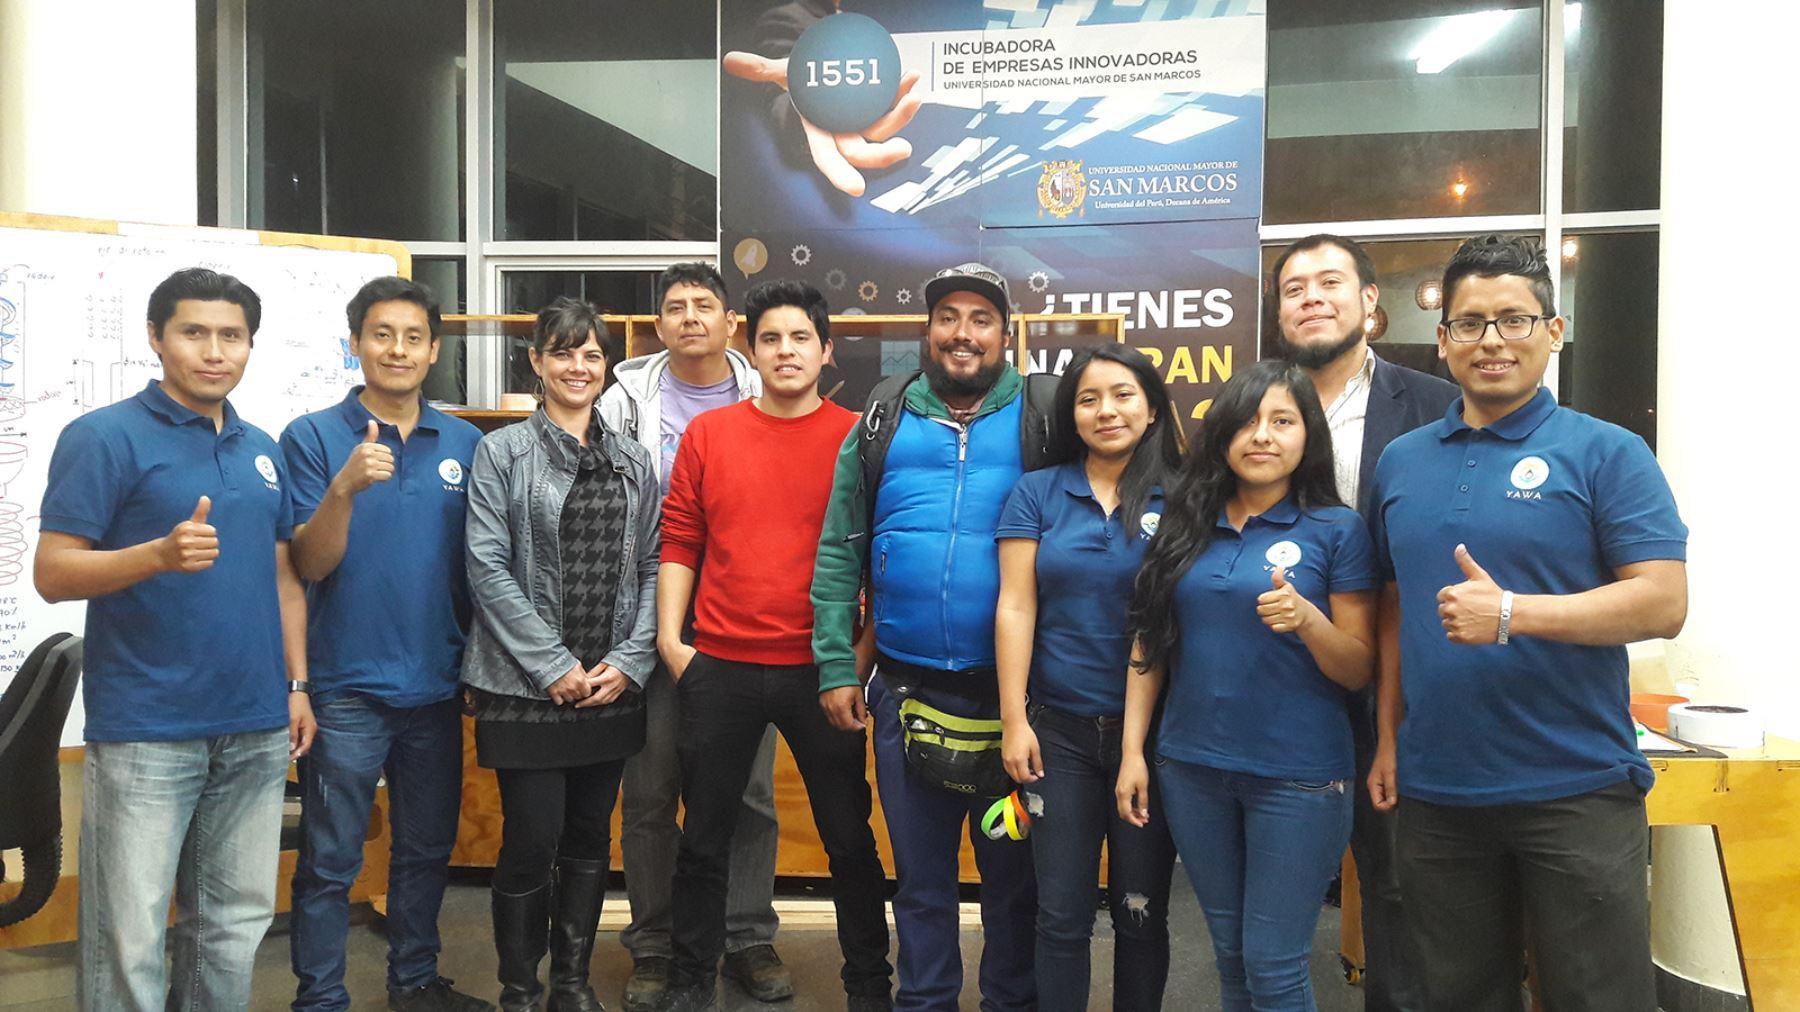 Todo el equipo sanmarquino celebró el triunfo. Foto: Universidad San Marcos